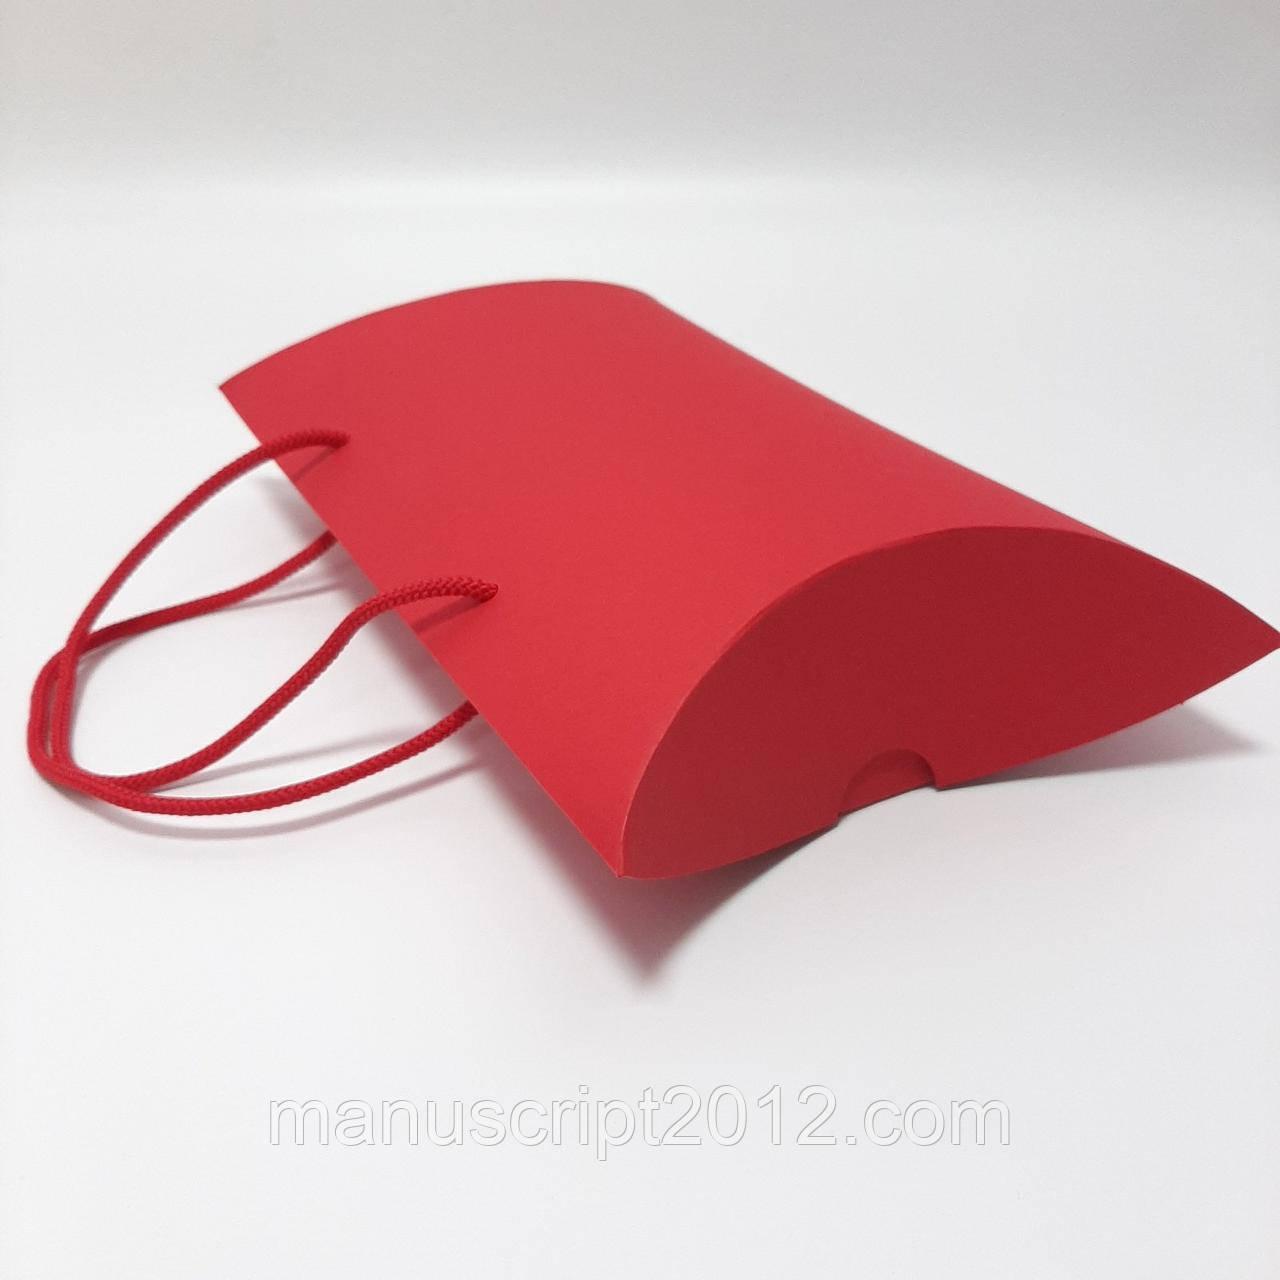 Коробка подарочная красная  230х180х70 мм.